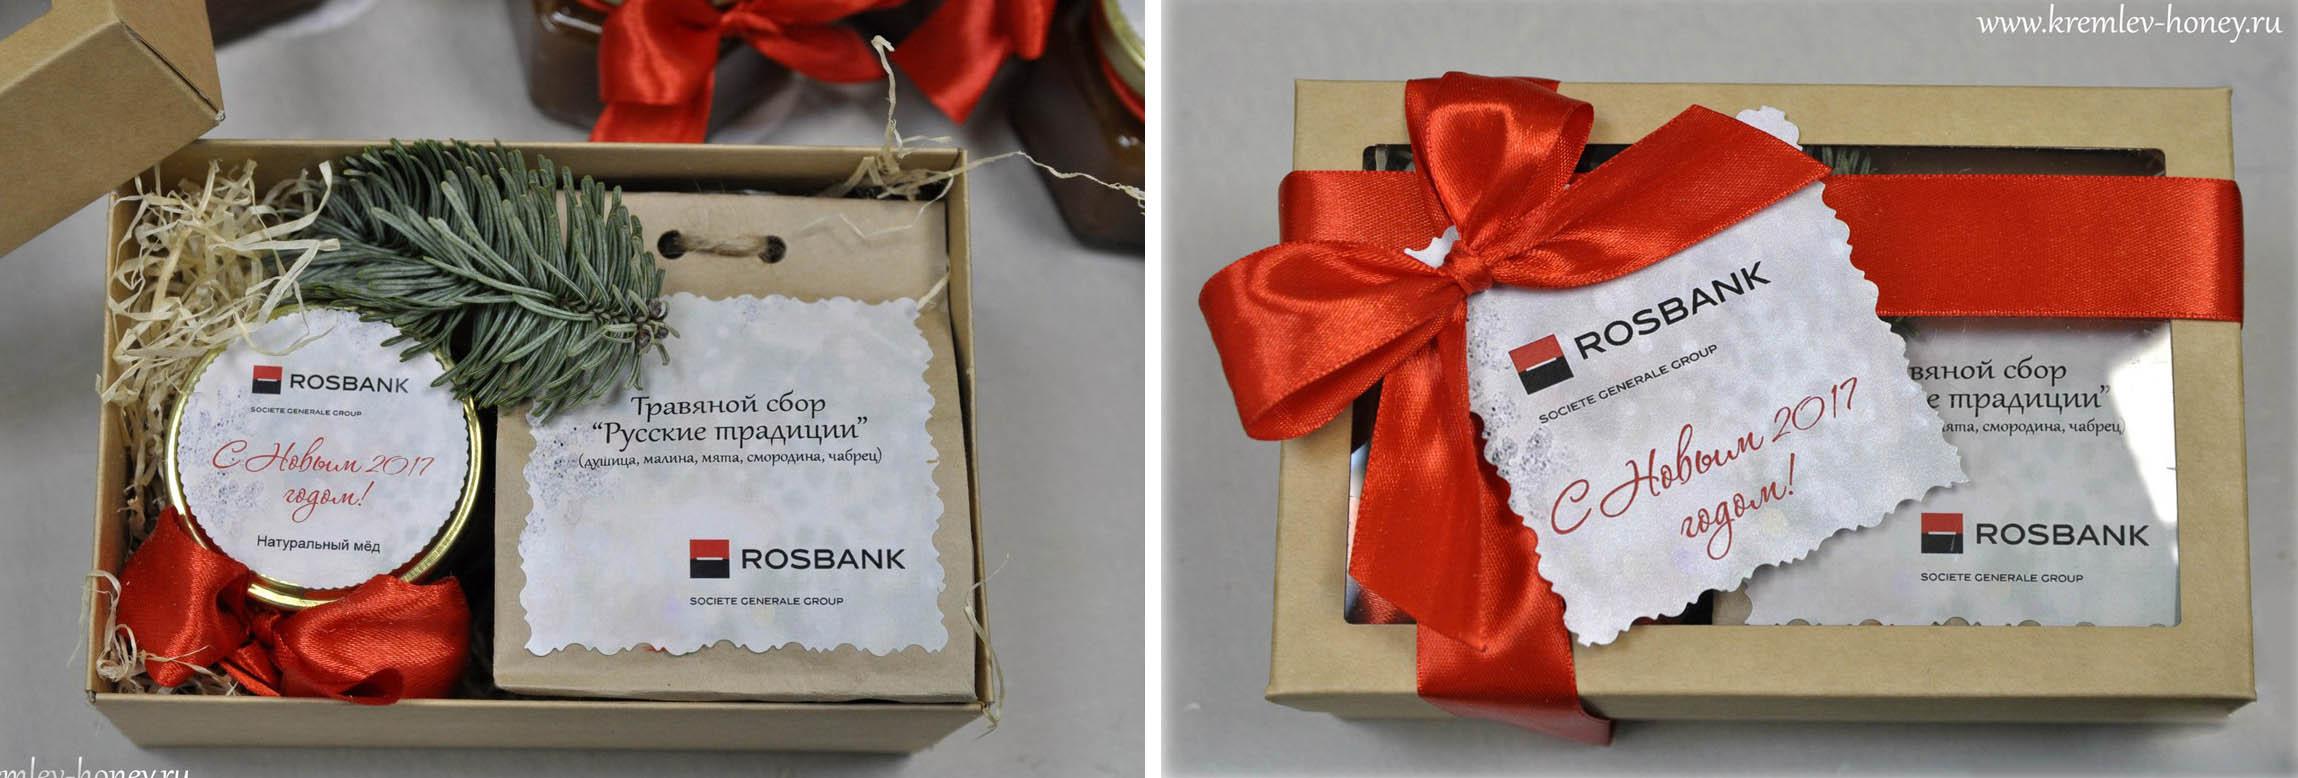 Корпоративные подарки от партнеров 257